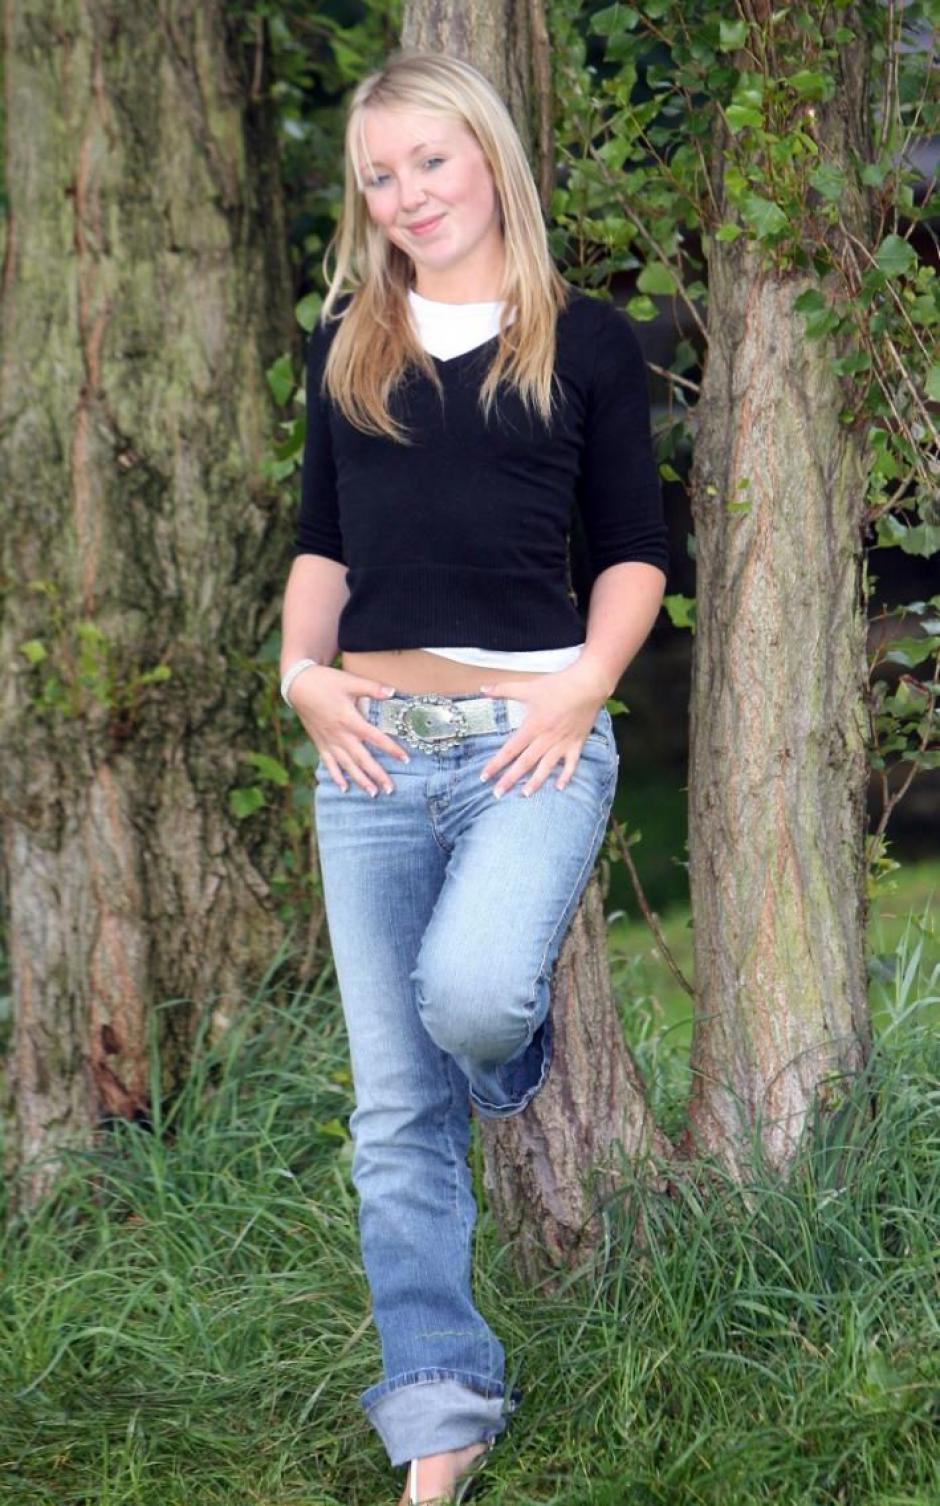 La exmodelo de 27 años, fue capturada por presuntos vínculos terroristas. (Foto: telegraph.co.uk)